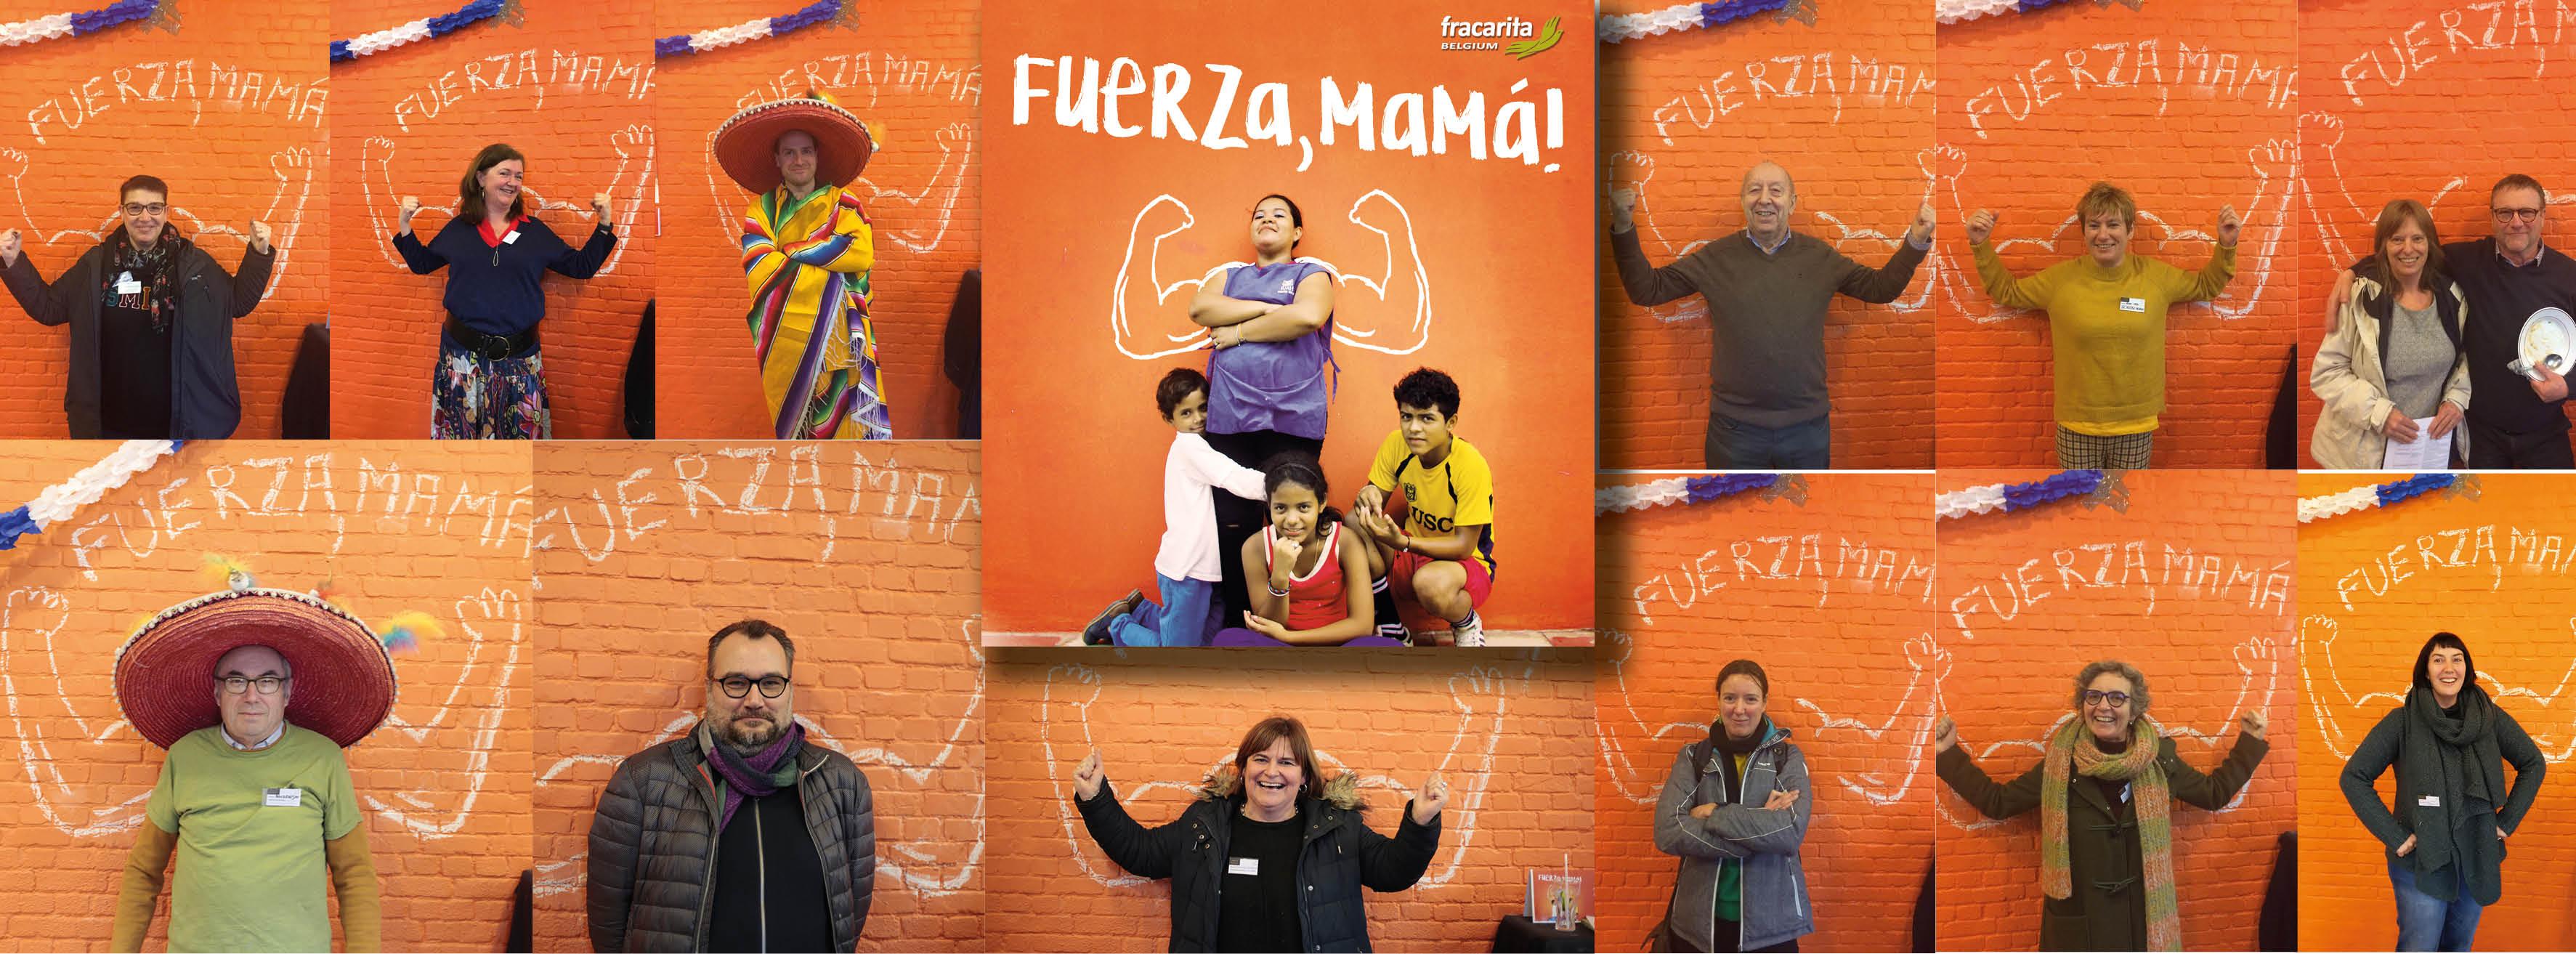 Spierballengerol - Fuerza, Mamá - Zuidactie 2020 - Fracarita Belgium - Affiche - Startdag - Claudia en kinderen